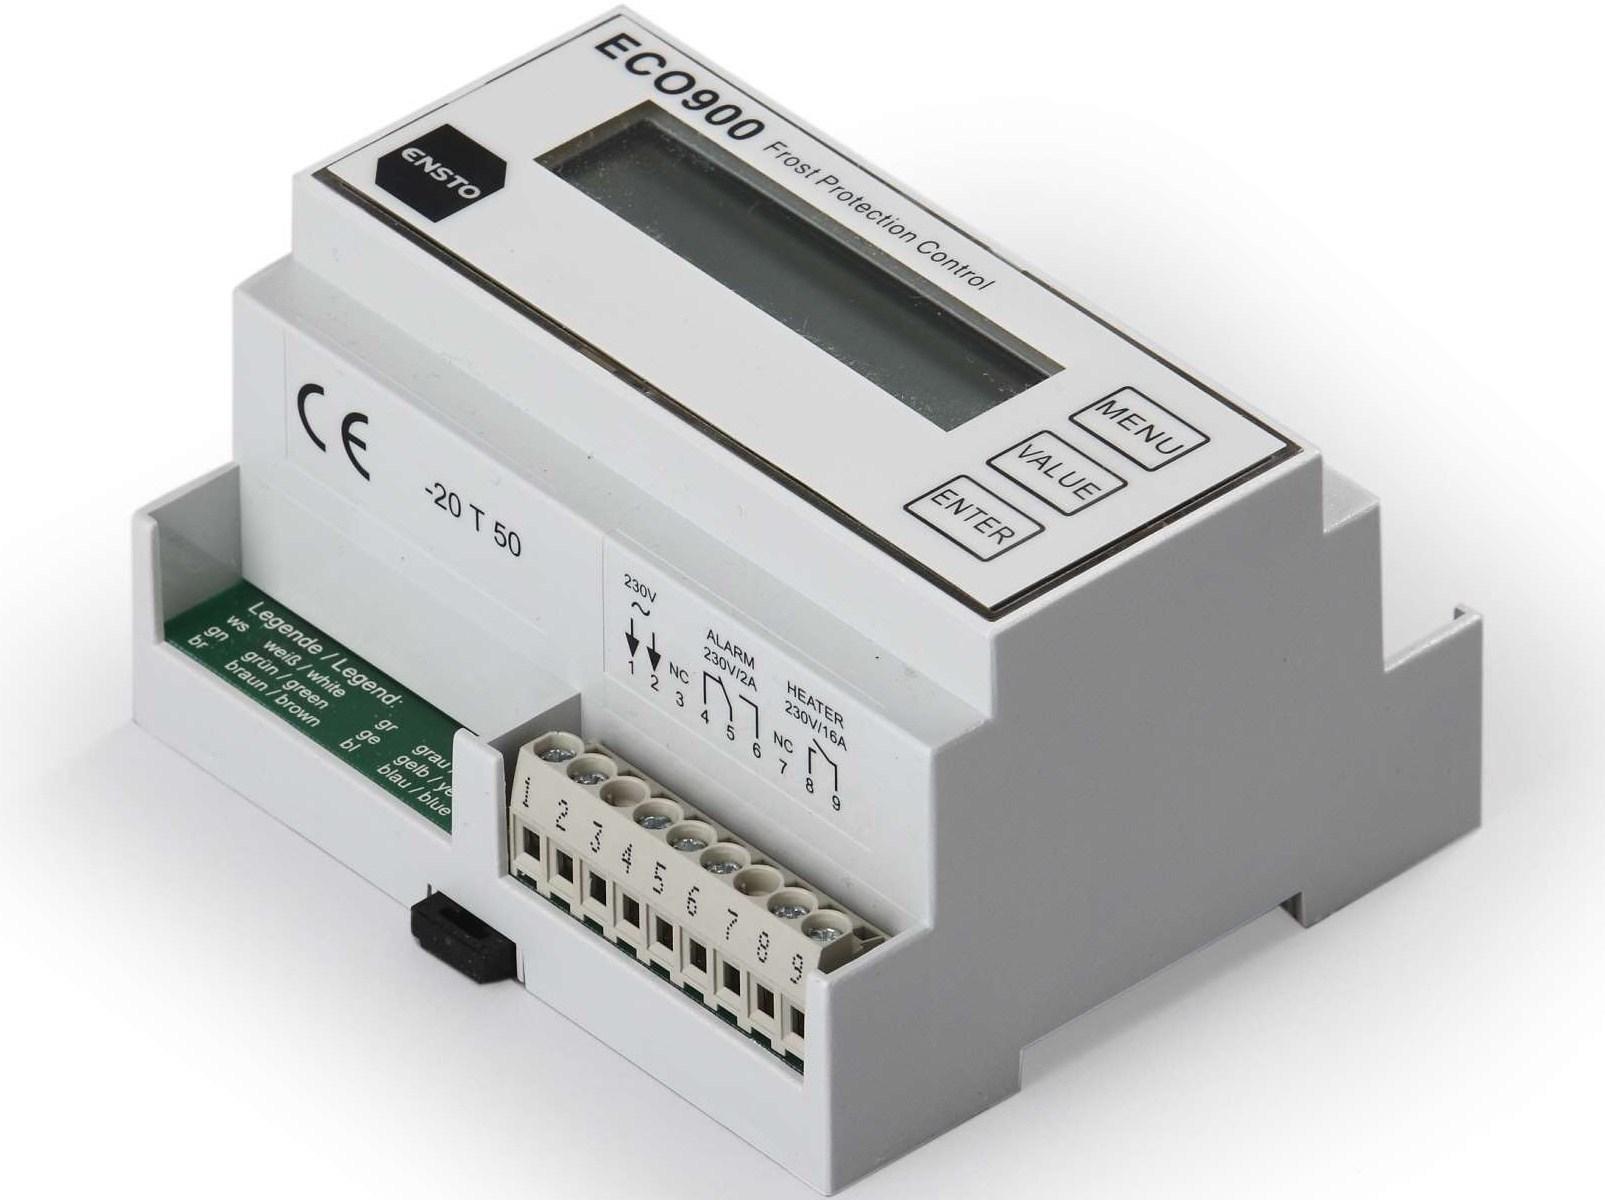 Termostaat ECO900, Ensto, (16А) 3600 W.